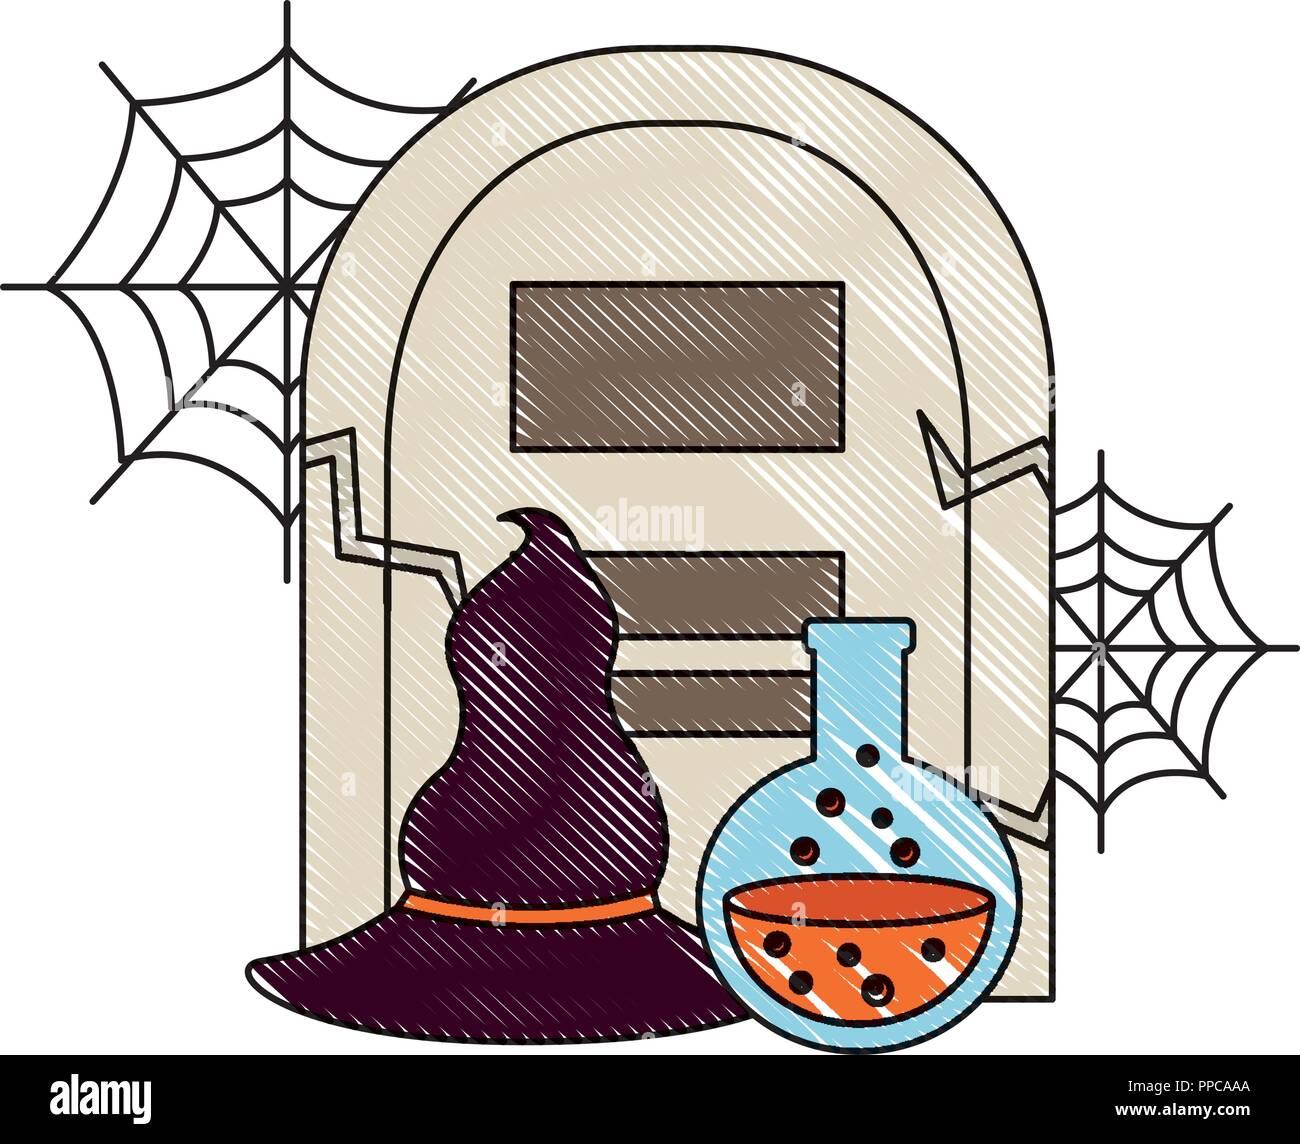 085cbd7cef539 Tumba de halloween sombrero y frasco de poción ilustración vectorial Imagen  De Stock